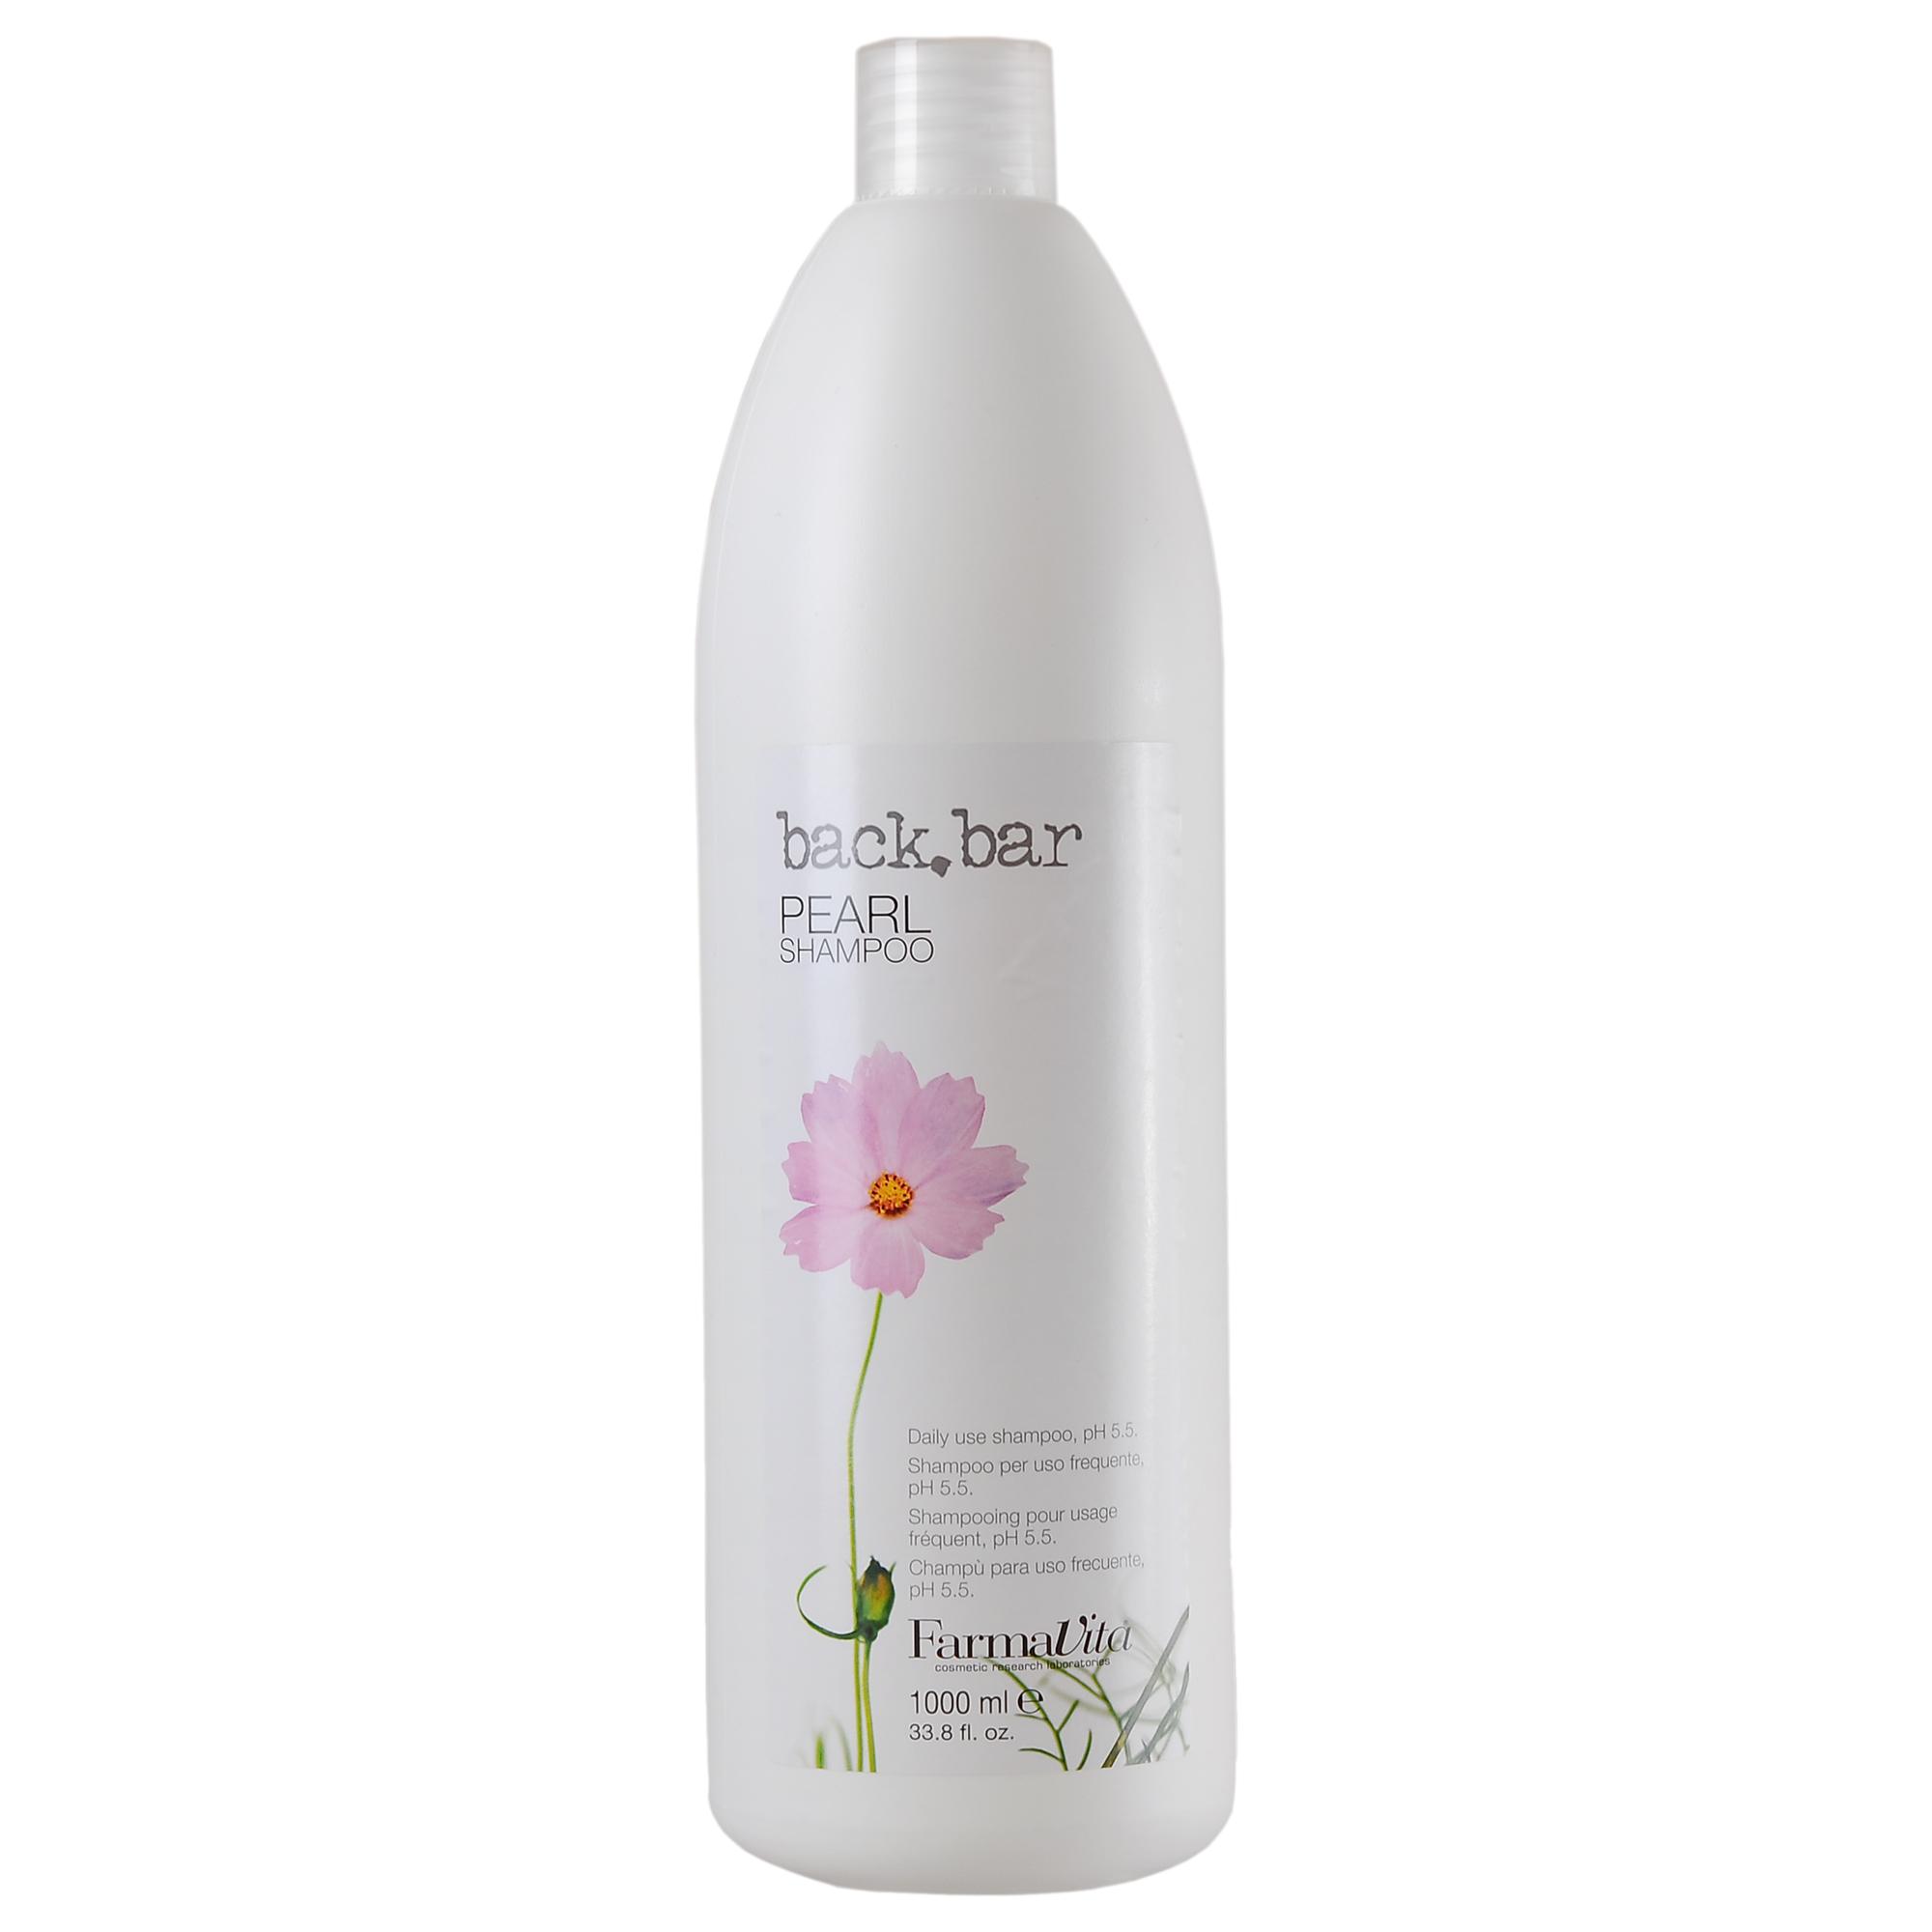 FARMAVITA ������� ��������� Pearl Shampoo / BACK BAR 1000 ��